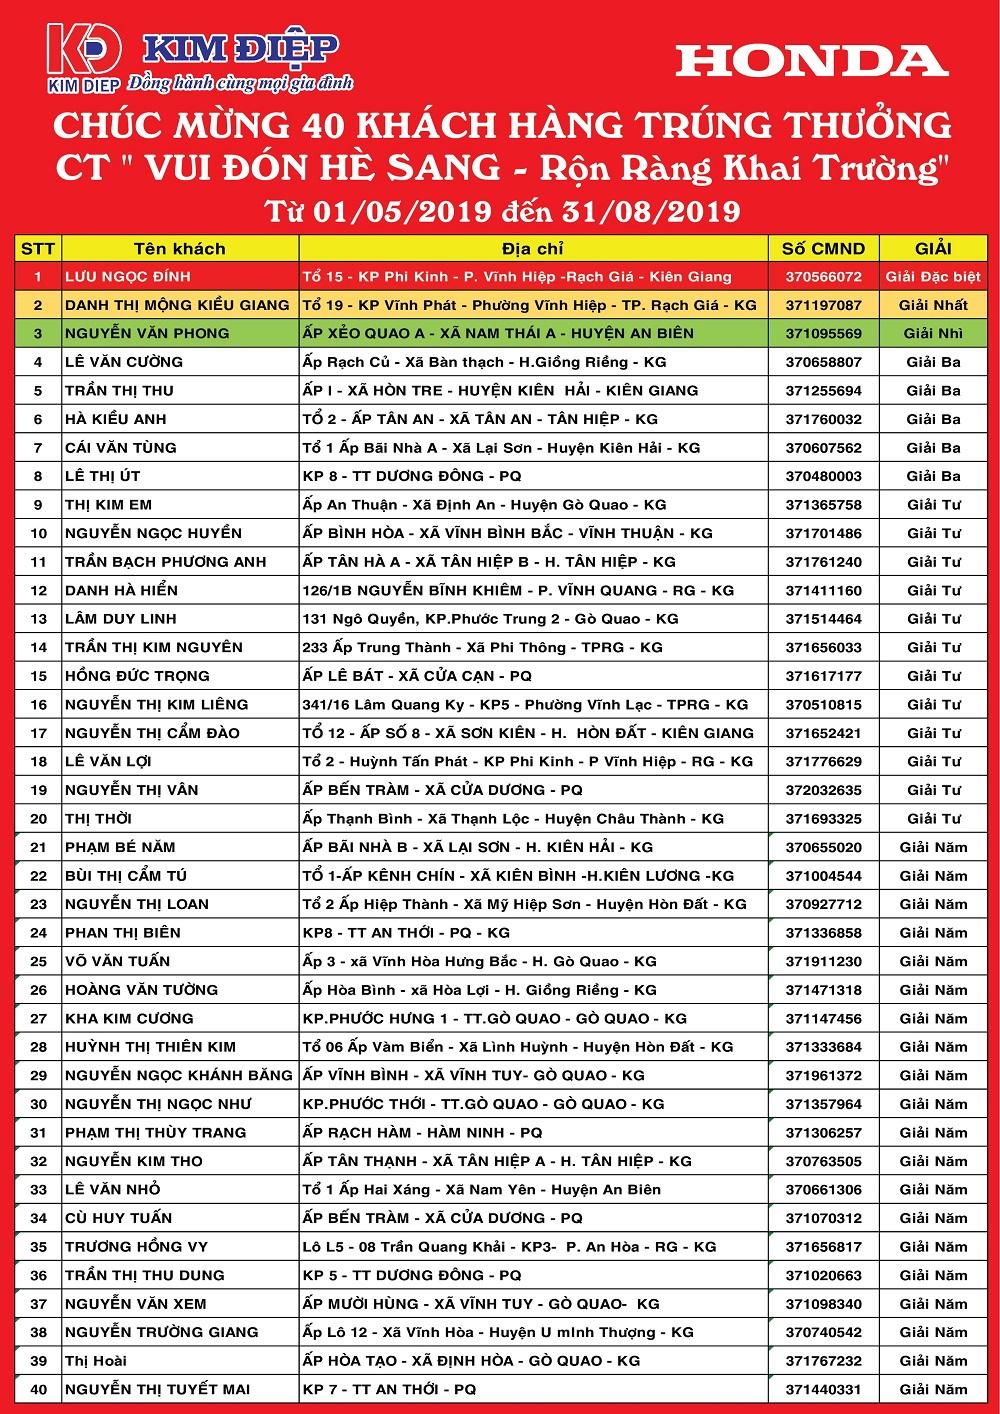 Danh sách khách hàng trúng thưởng CTKM Vui Đón Hè Sang Rộn Ràng Khai Trường